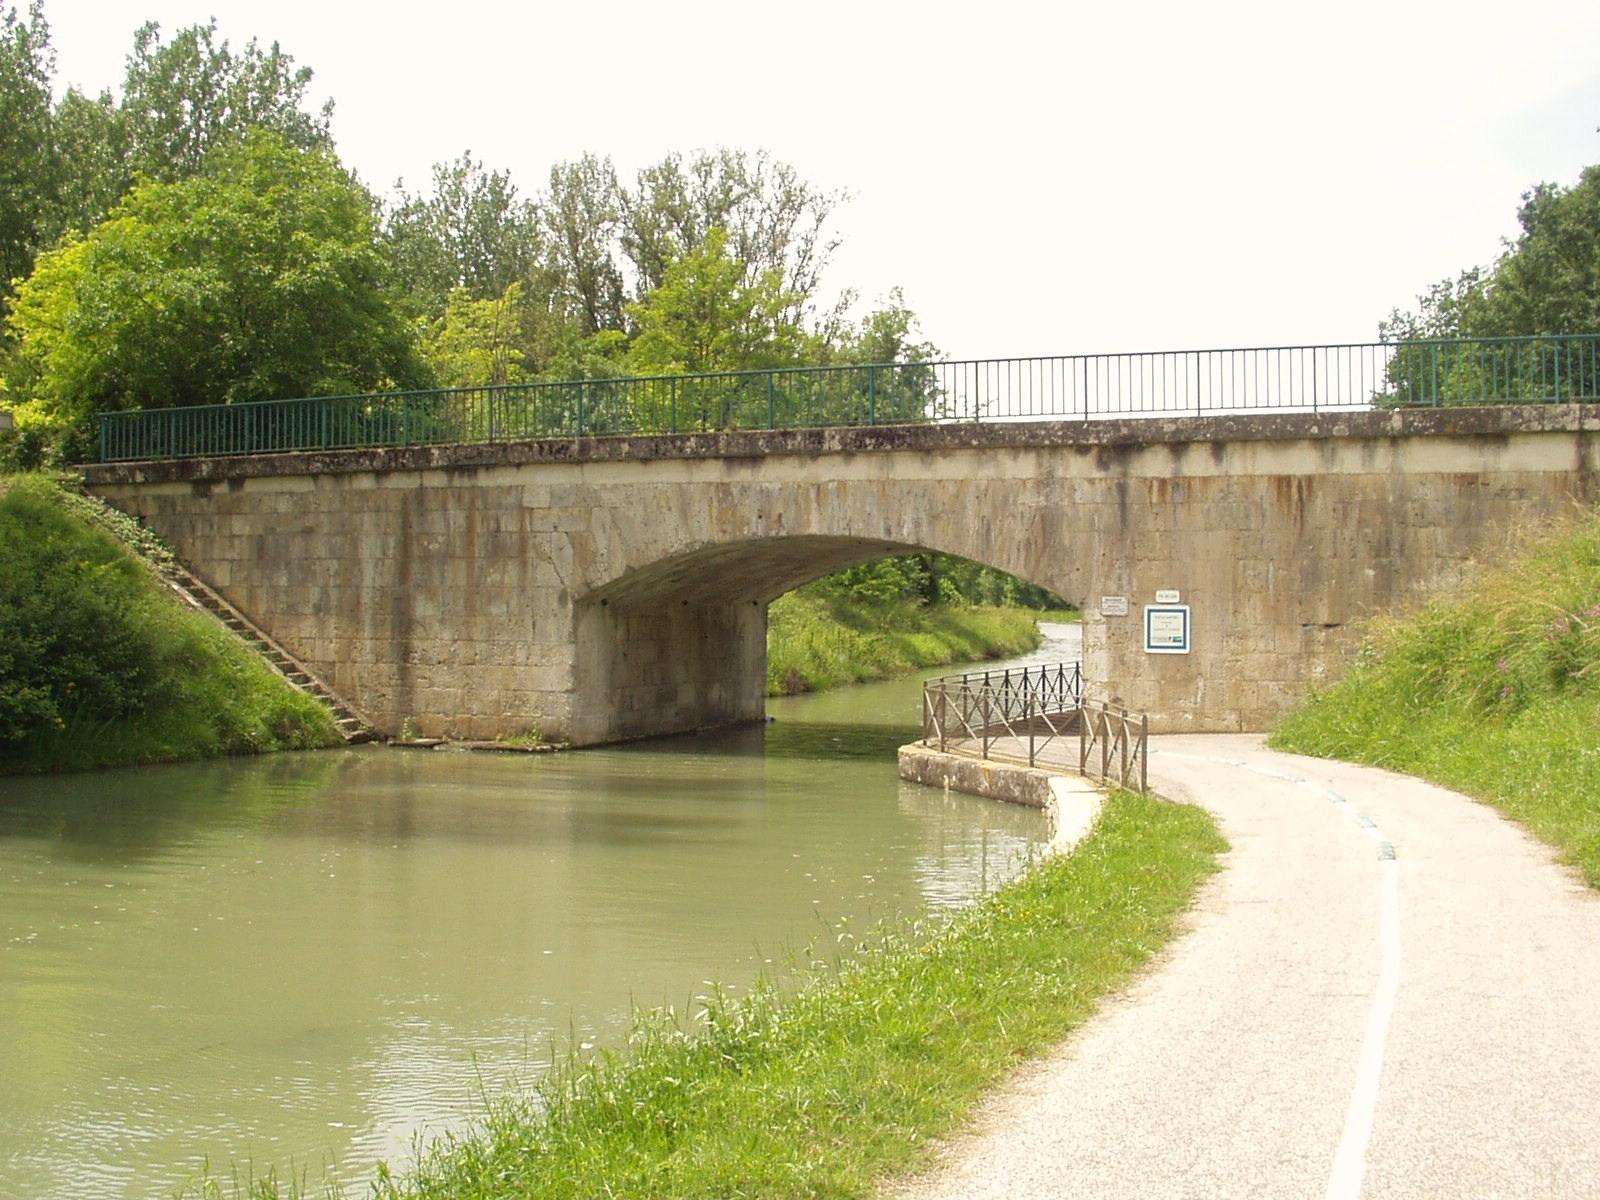 Le pont de Laspeyres. (Dept 47)